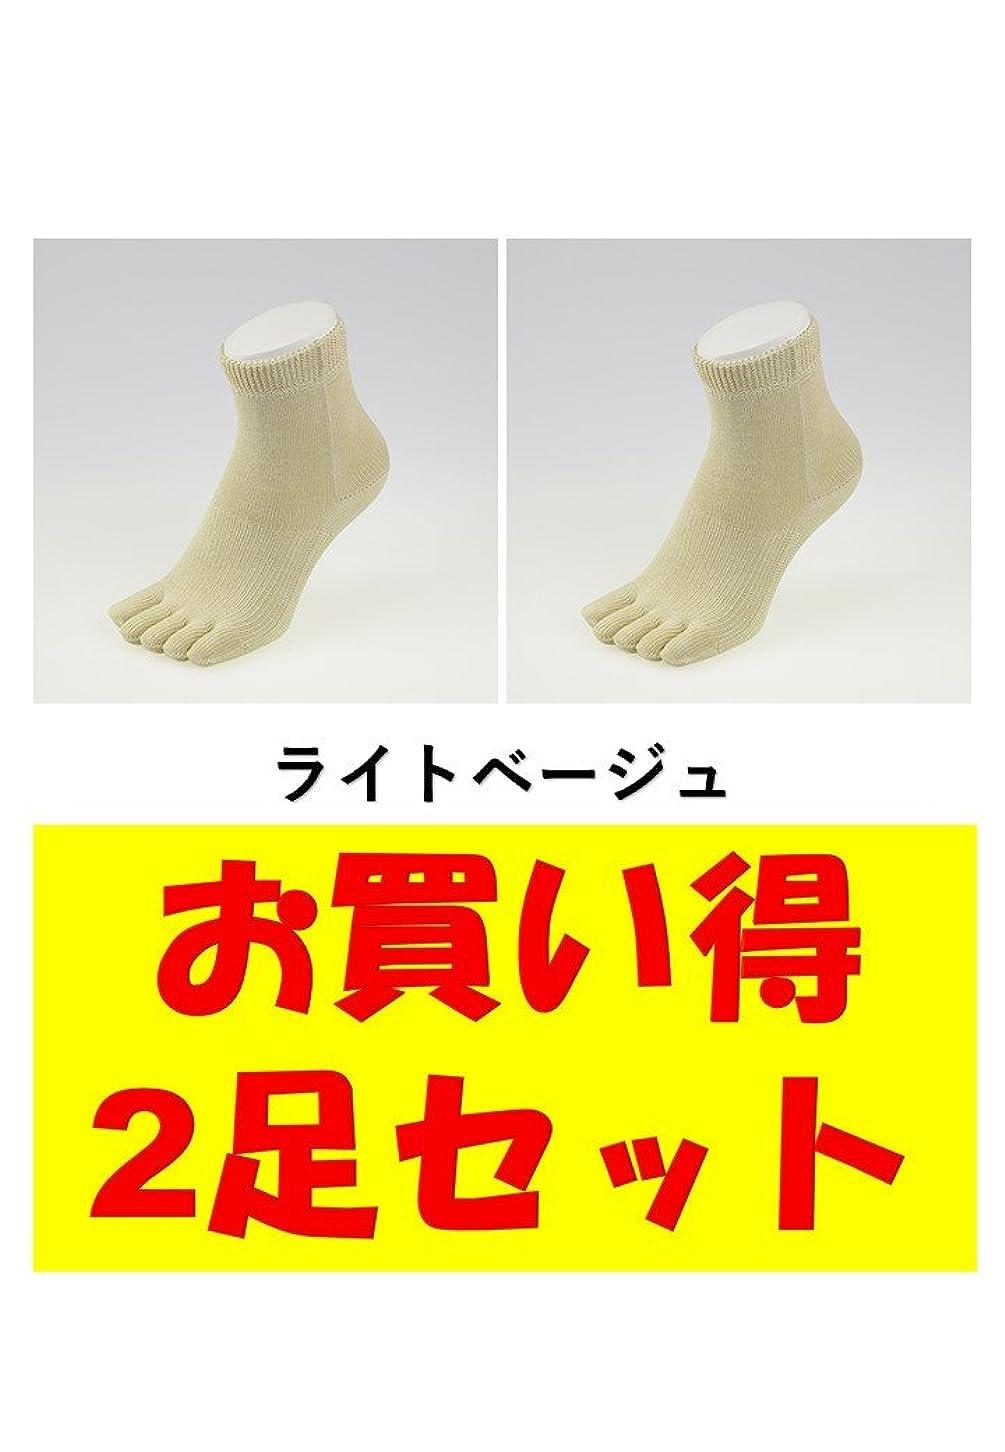 ピークブッシュ生活お買い得2足セット 5本指 ゆびのばソックス Neo EVE(イヴ) ライトベージュ Sサイズ(21.0cm - 24.0cm) YSNEVE-BGE